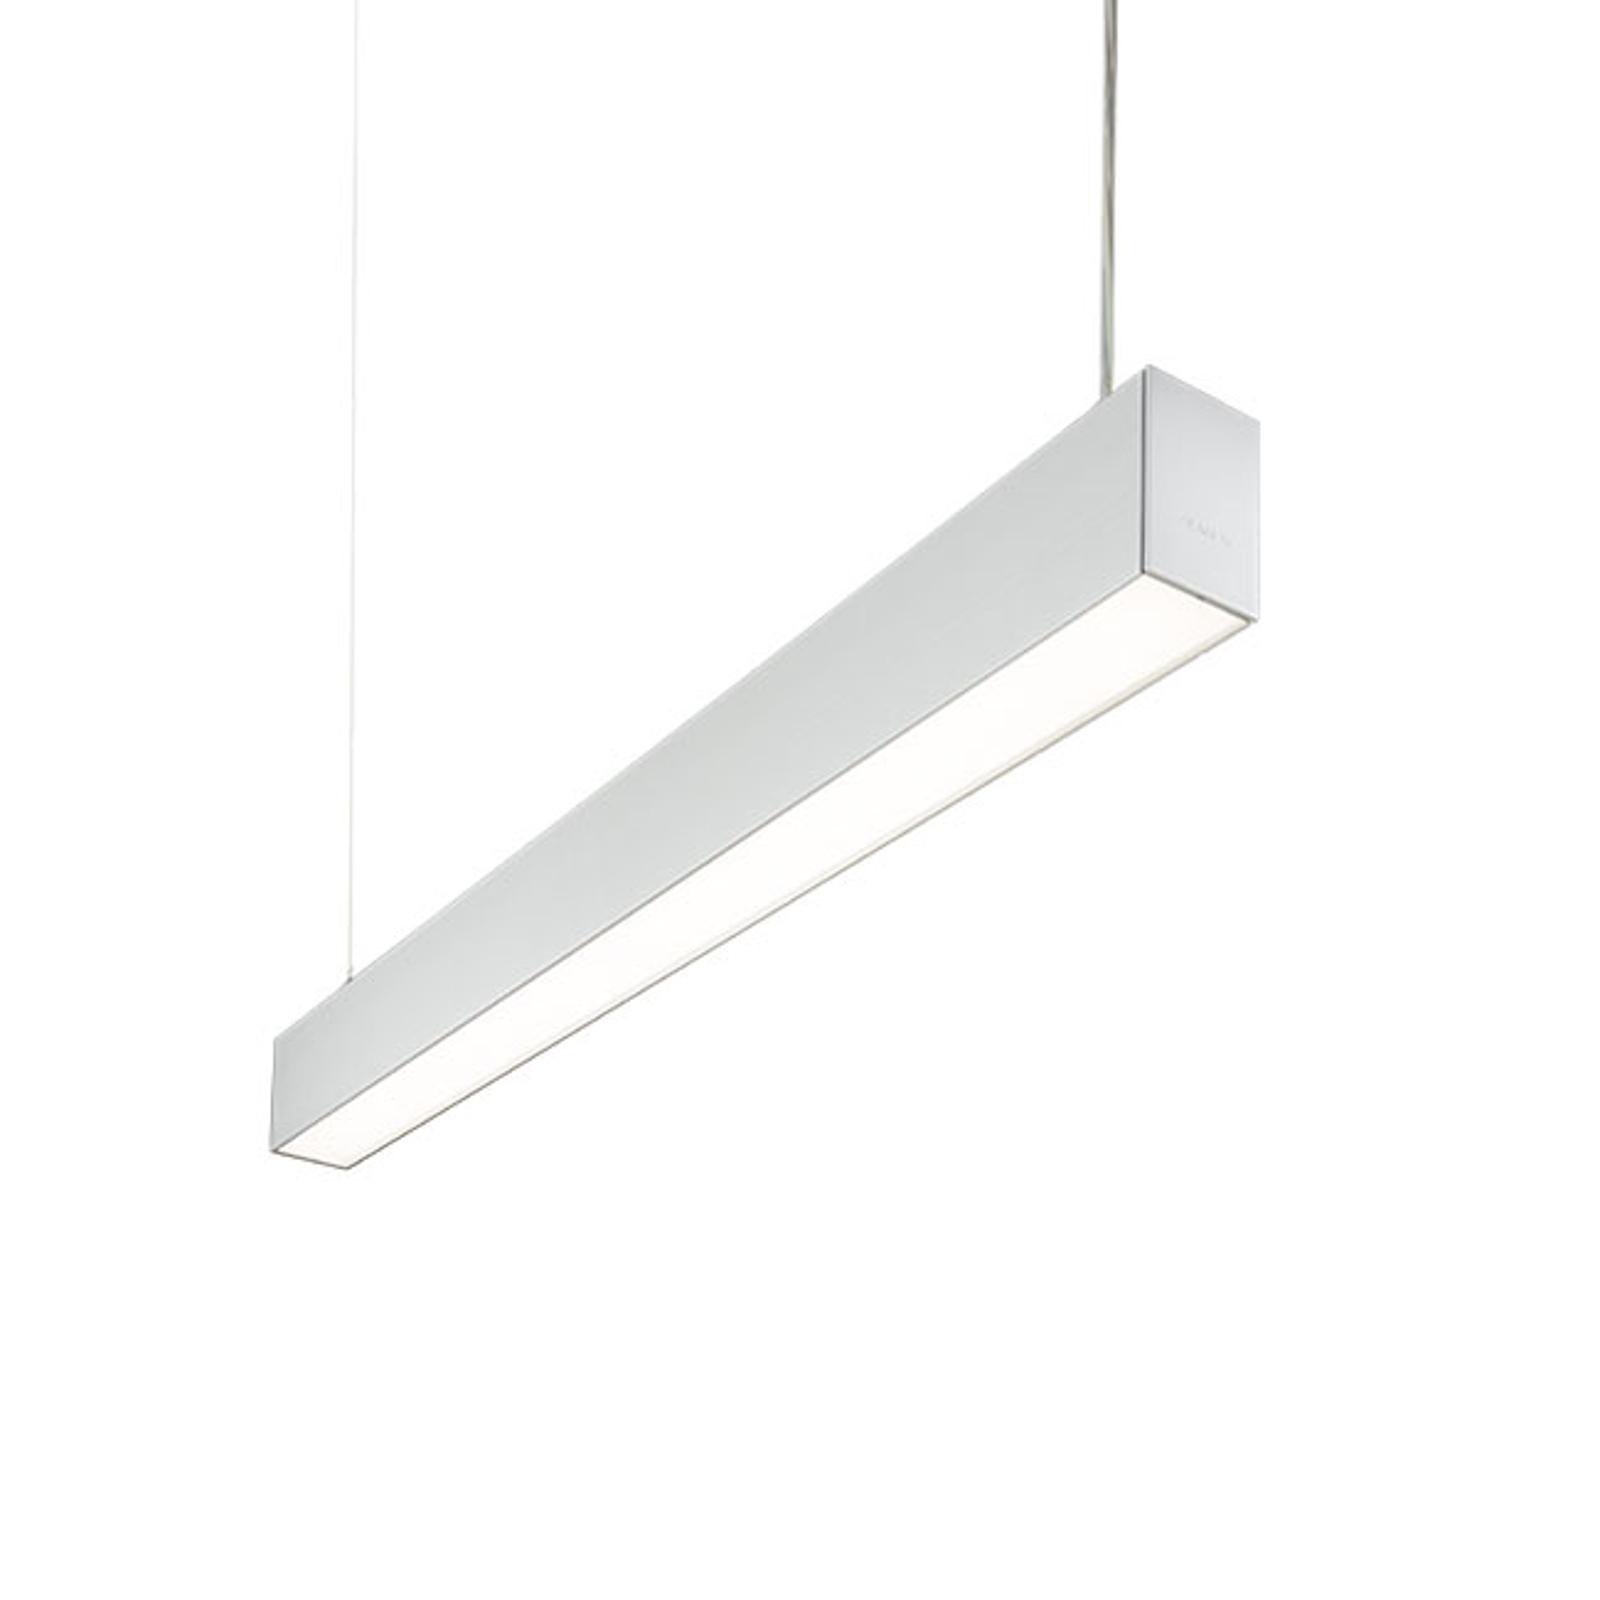 Lampa wisząca C80-P1702 szara 50/50 DALI 3000 K